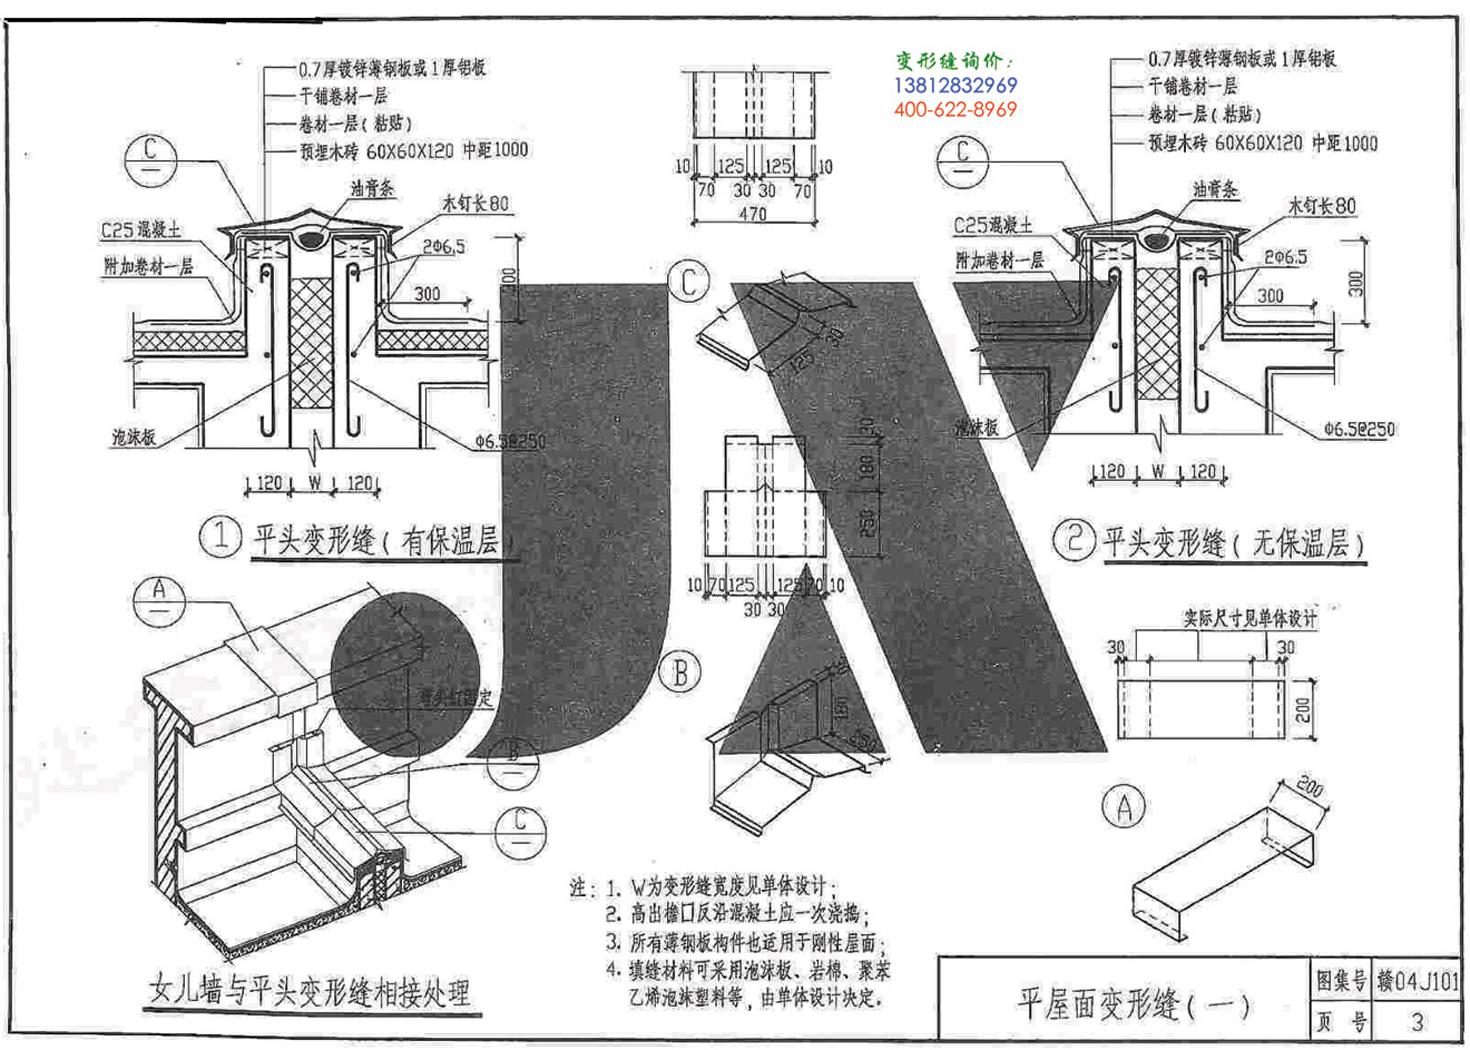 赣04J101变形缝图集3页